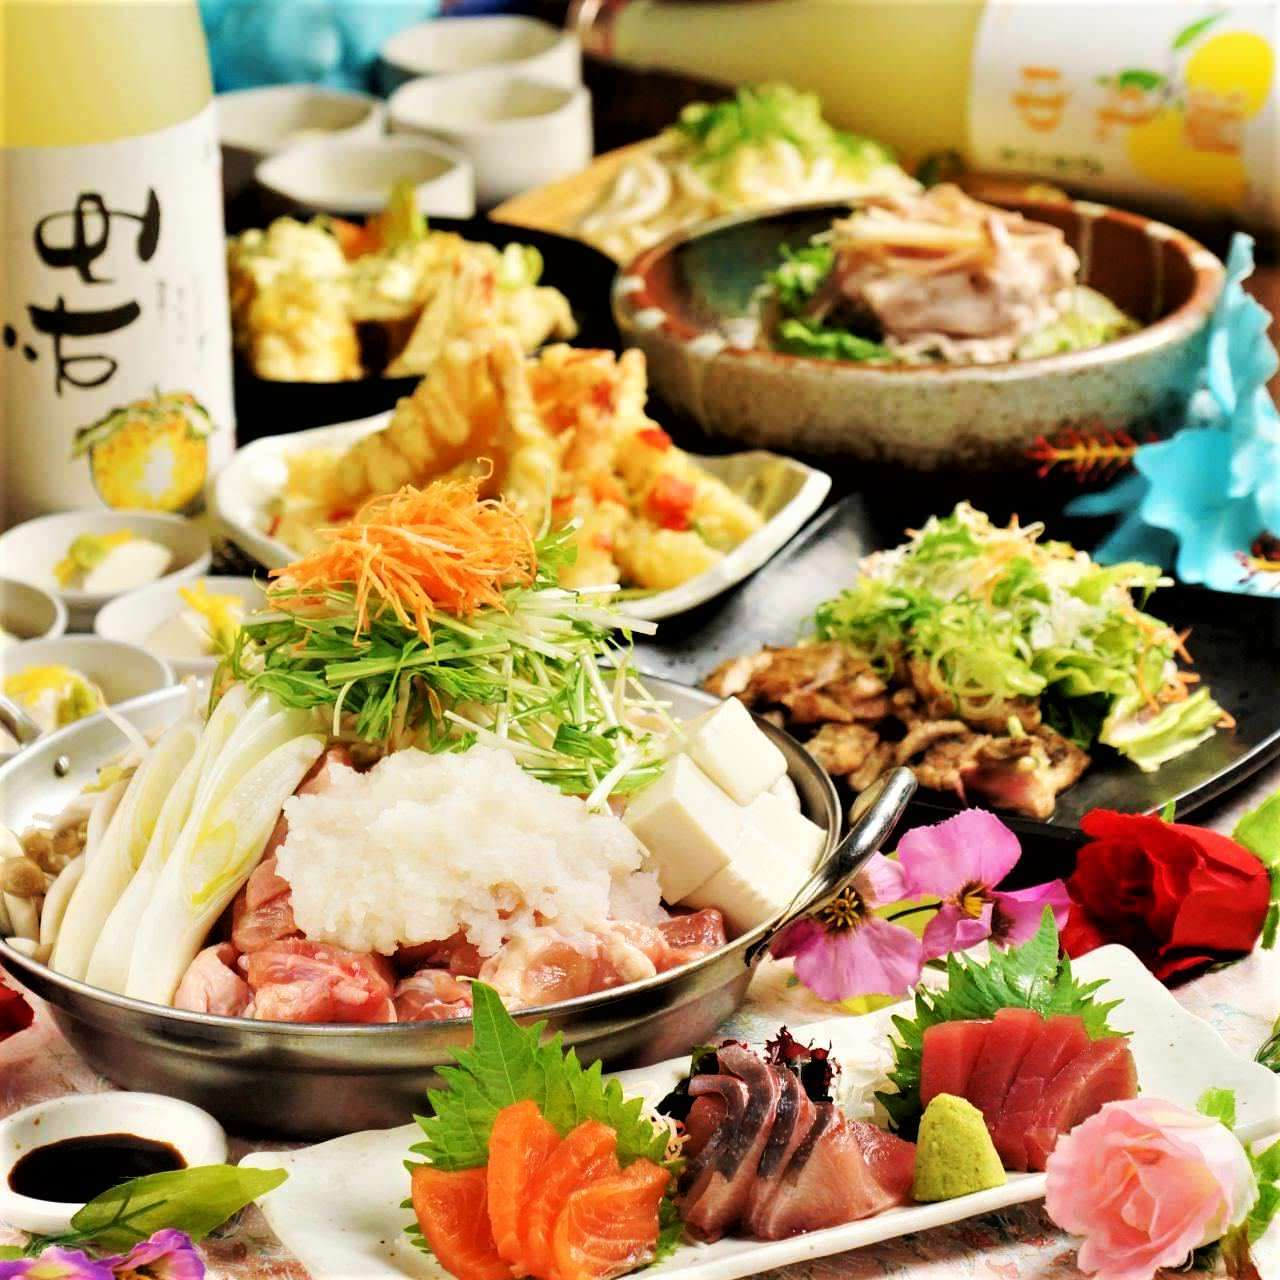 【囲特別コース】絶品の炙り肉寿司 ♪2h飲み放題付<全10品>6000円→5000円 (税別)